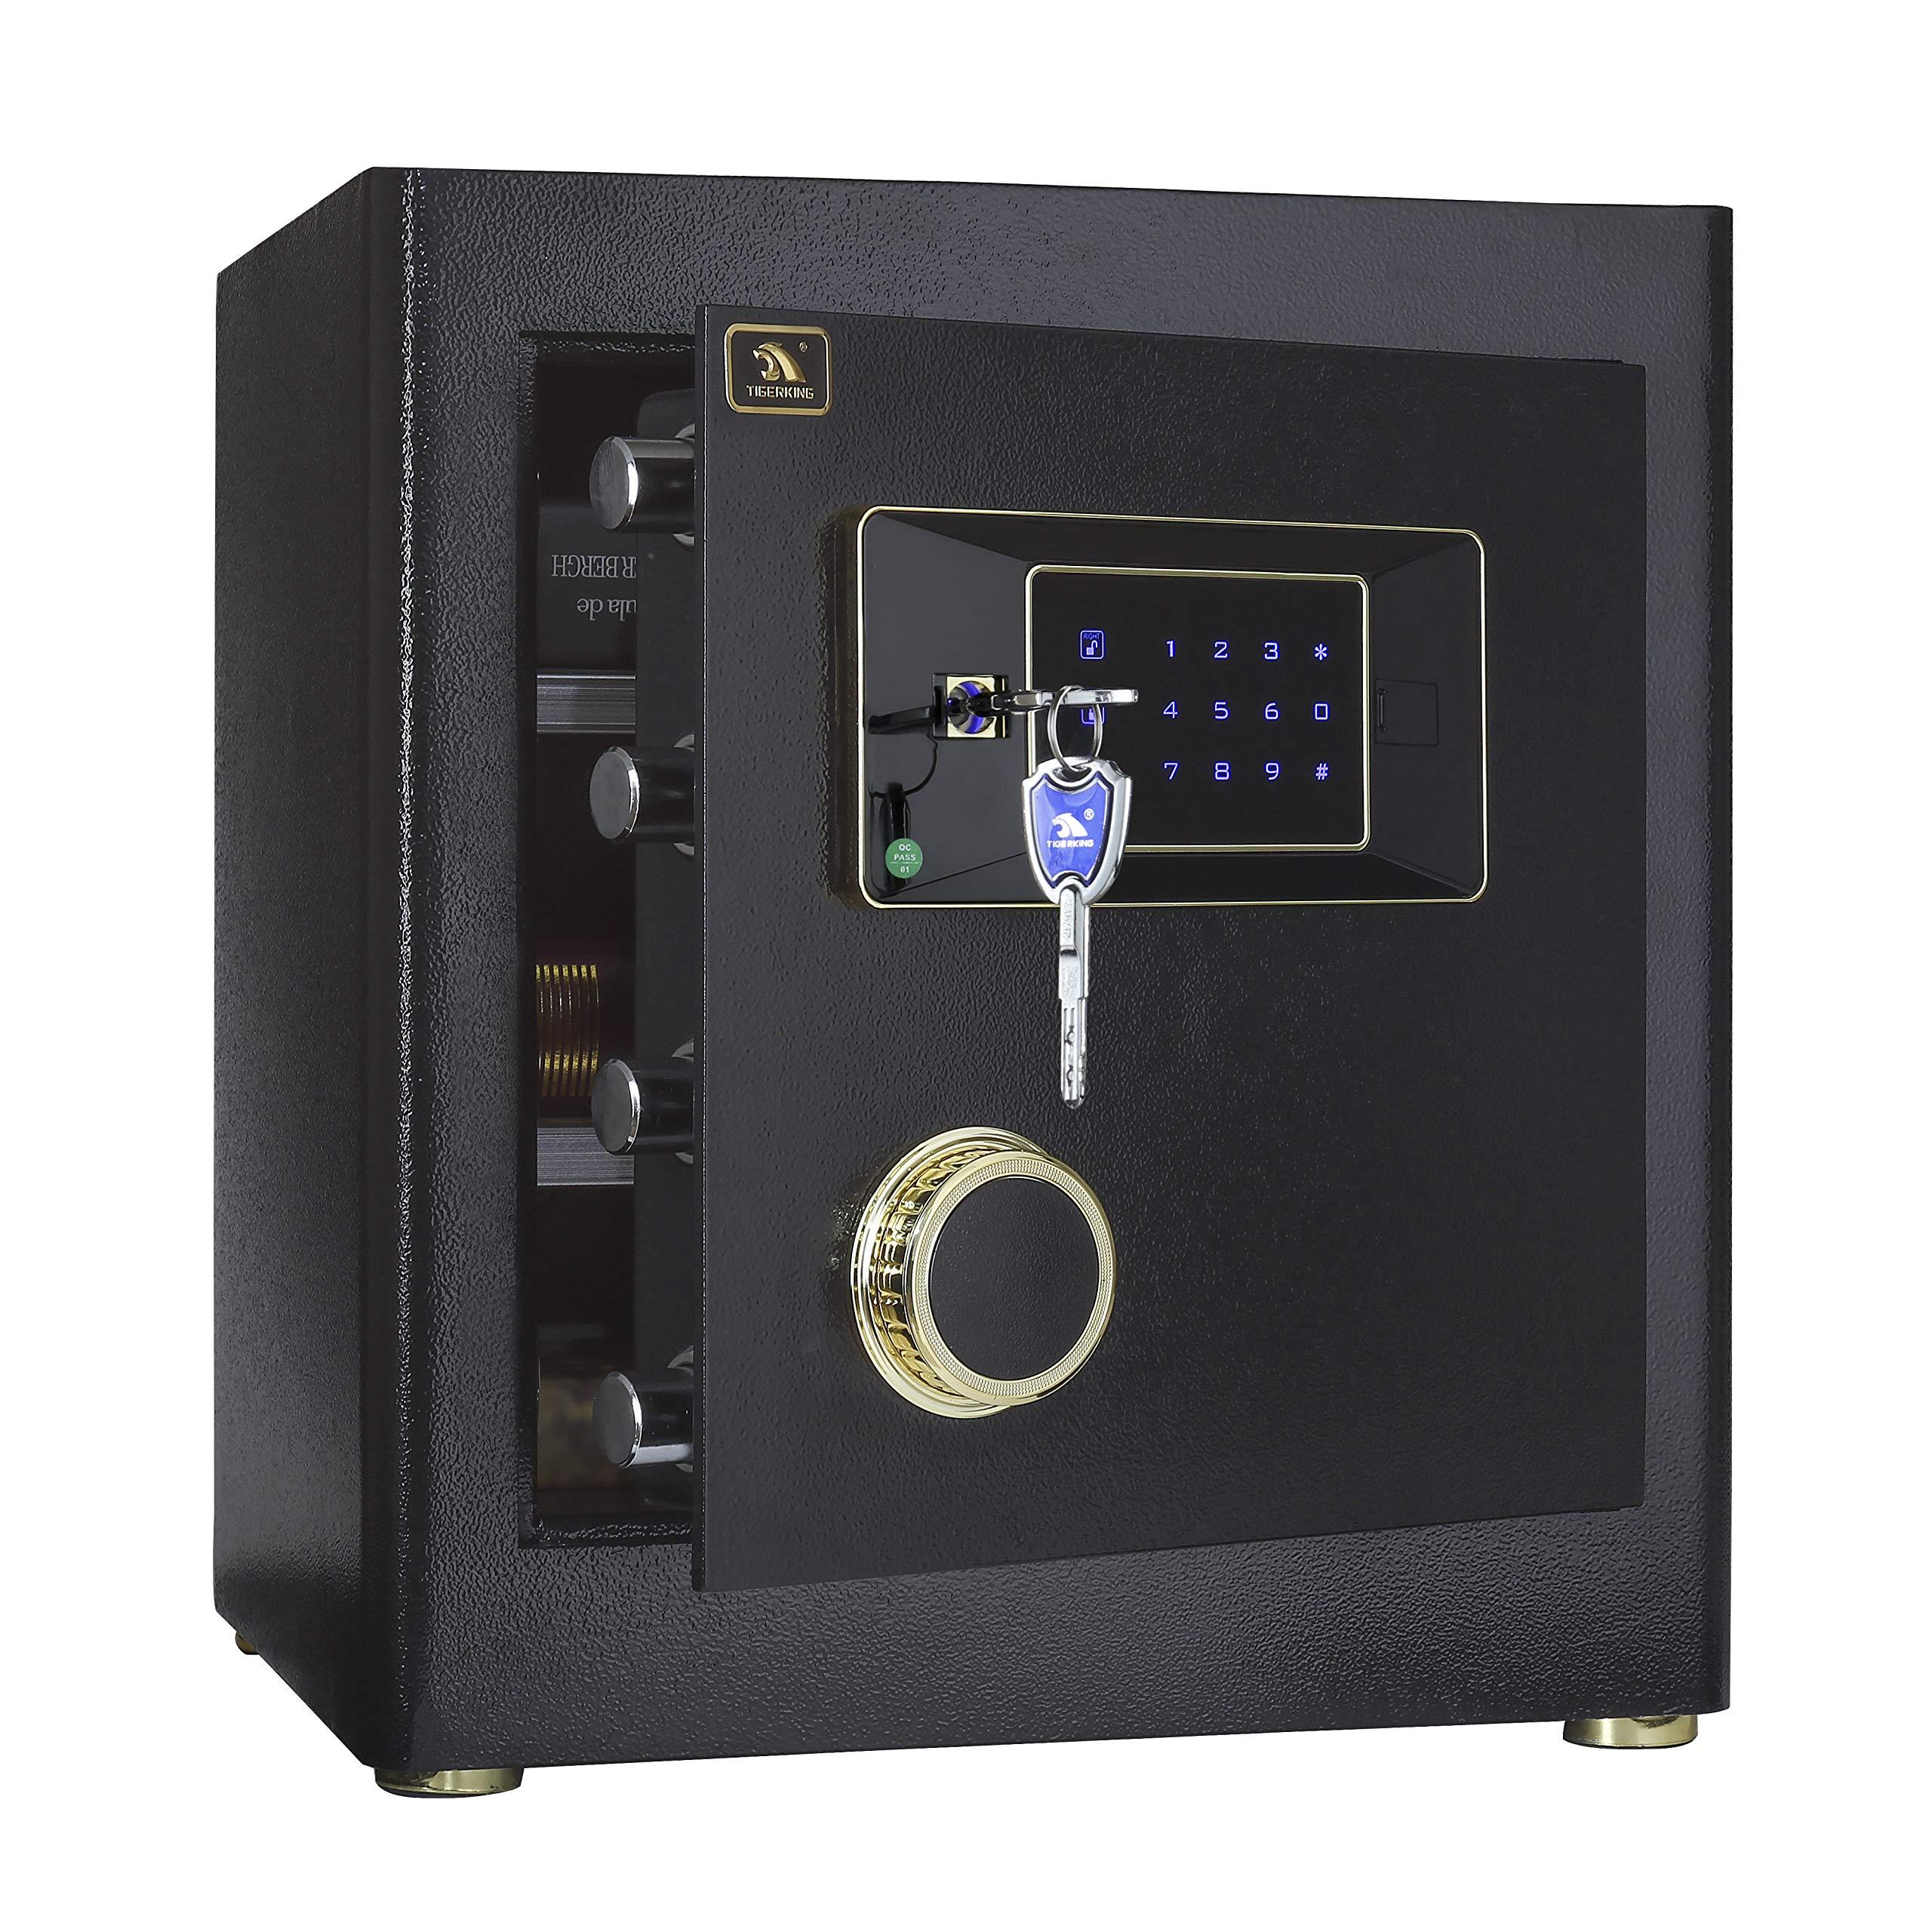 TIGERKING Security Safe%EF%BC%8CSafe Box 1 4 Cubic